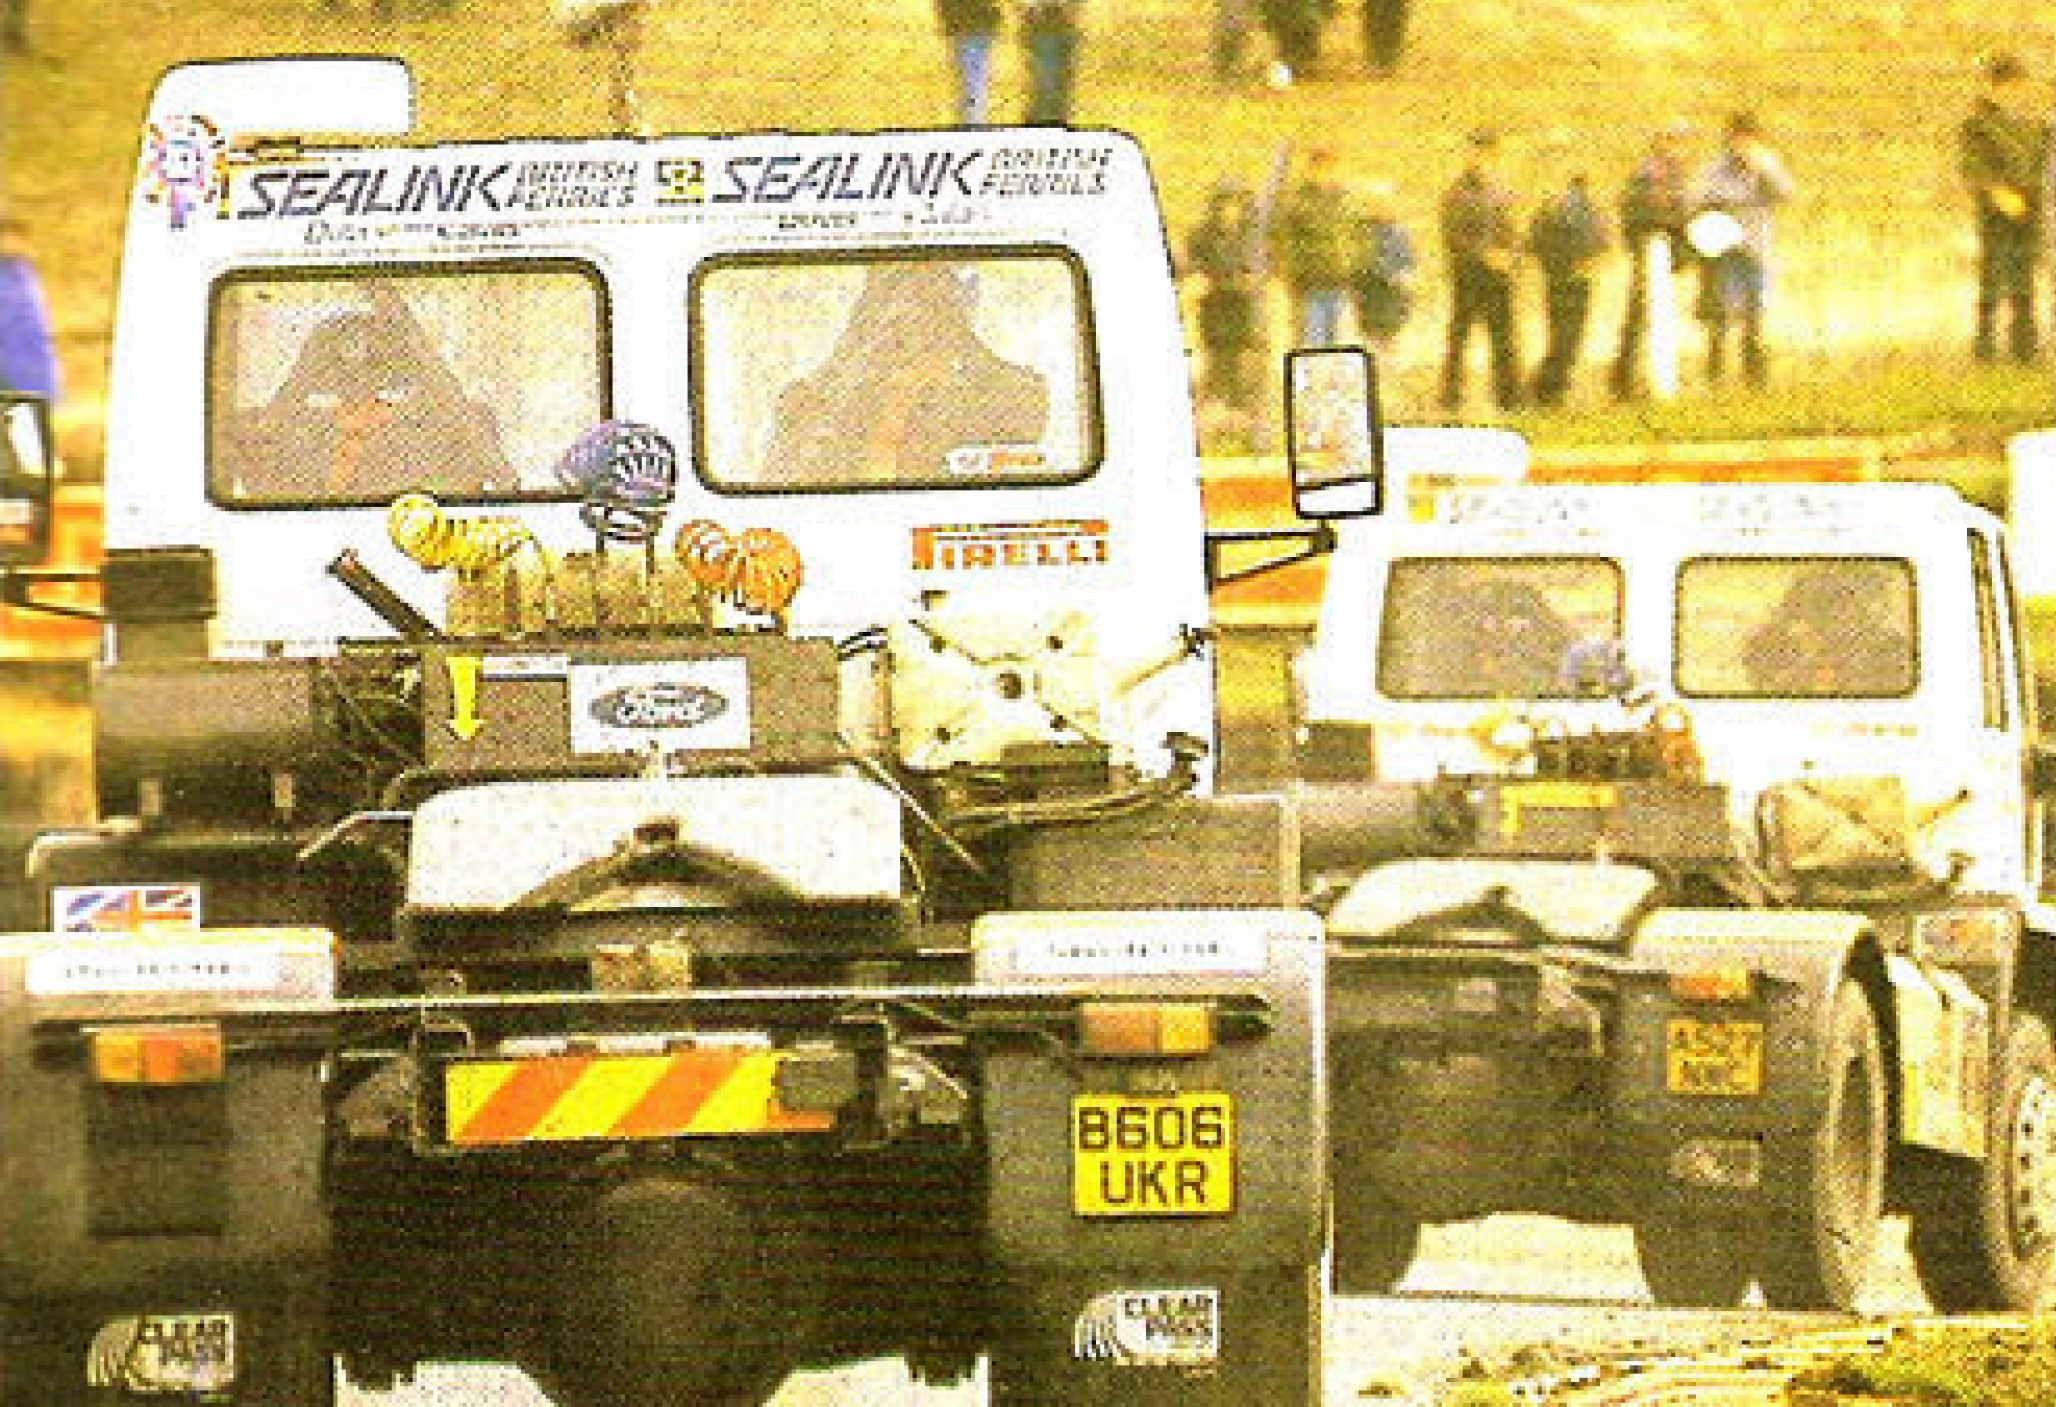 Traktorok - hátulnézetből. A nyergesvontatók még így is esztétikus látványt nyújtanak